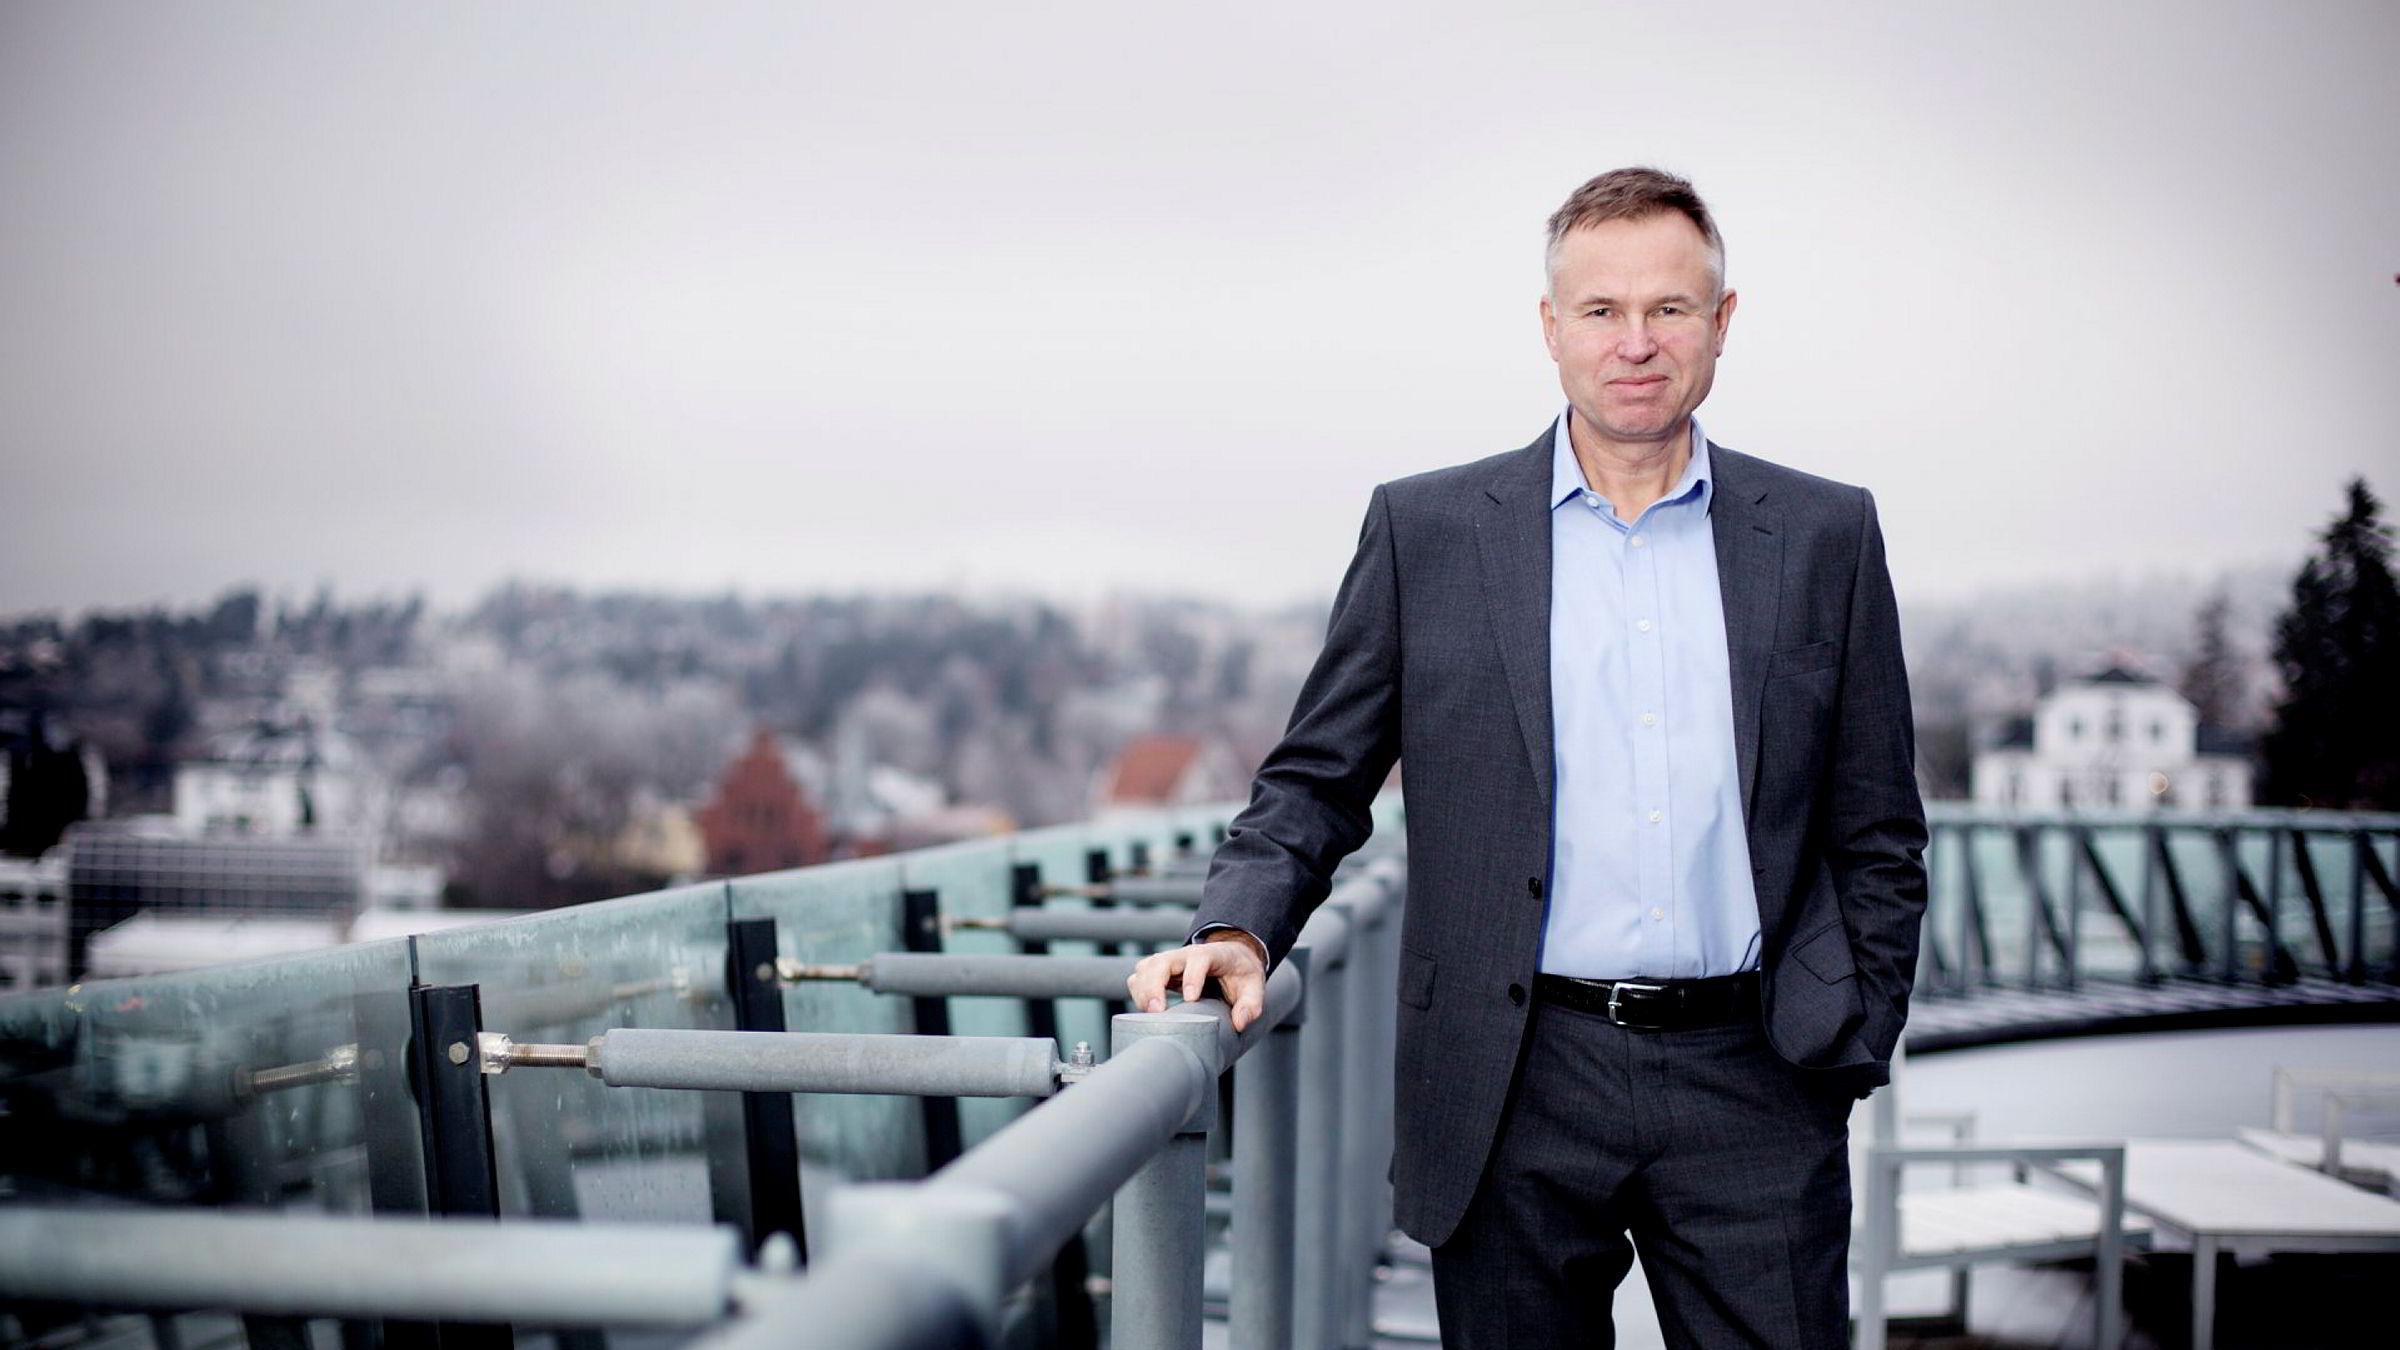 Investorselskapet KKR eier 31 prosent av Visma. Salget av eierandelene kan gi KKR en gevinst på 1,1 milliarder dollar, tilsvarende 9,3 milliarder kroner. Avbildet er konsernsjef Øystein Moan i Visma.